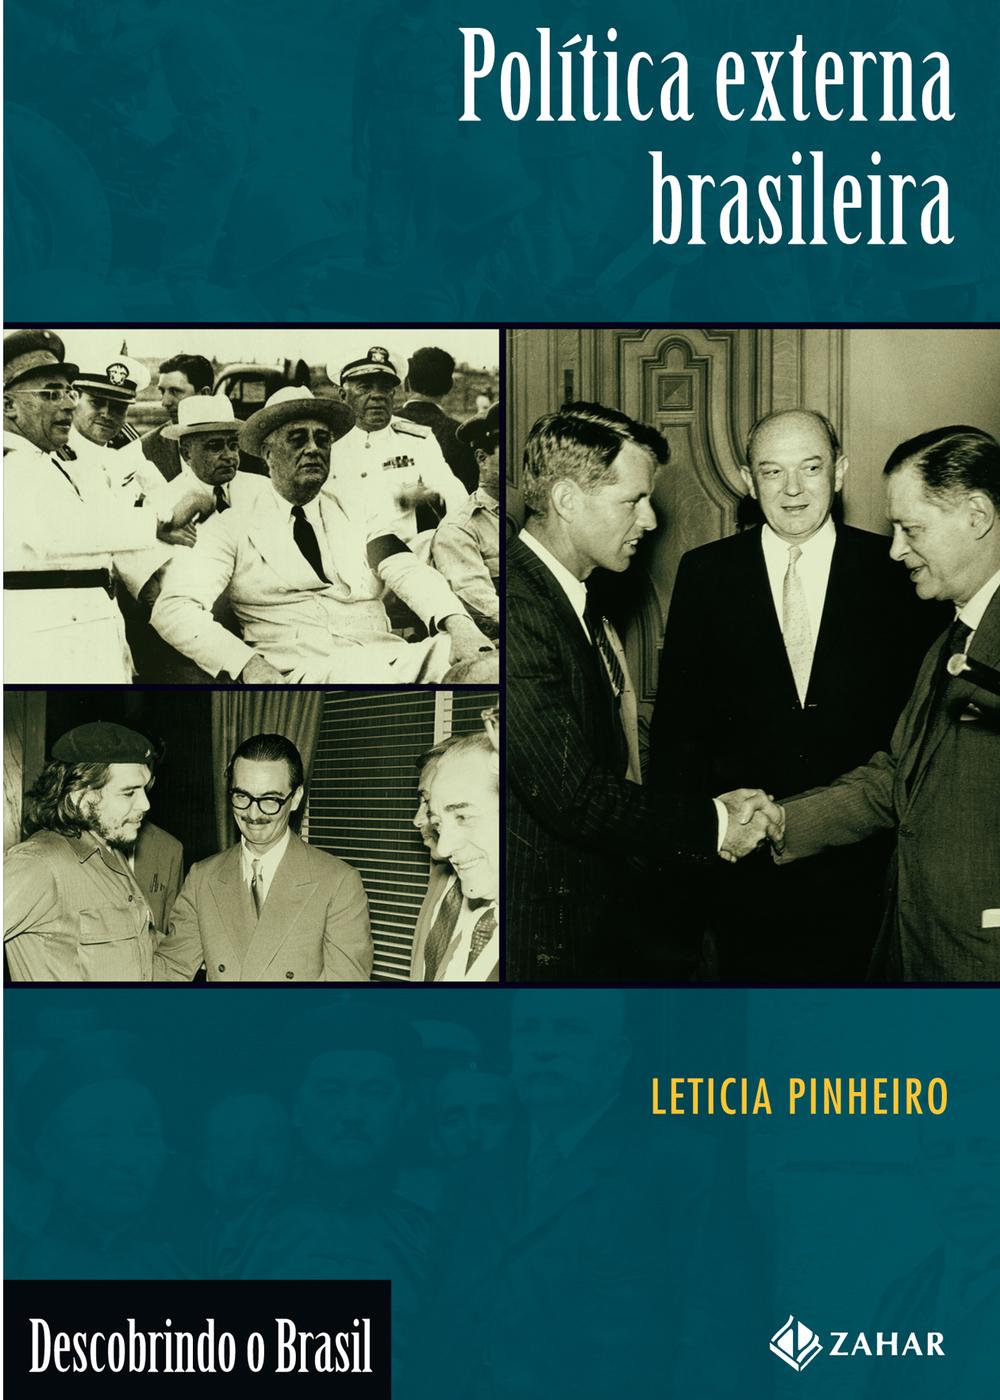 Pinheiro, Letícia - Política Externa Brasileira.jpg